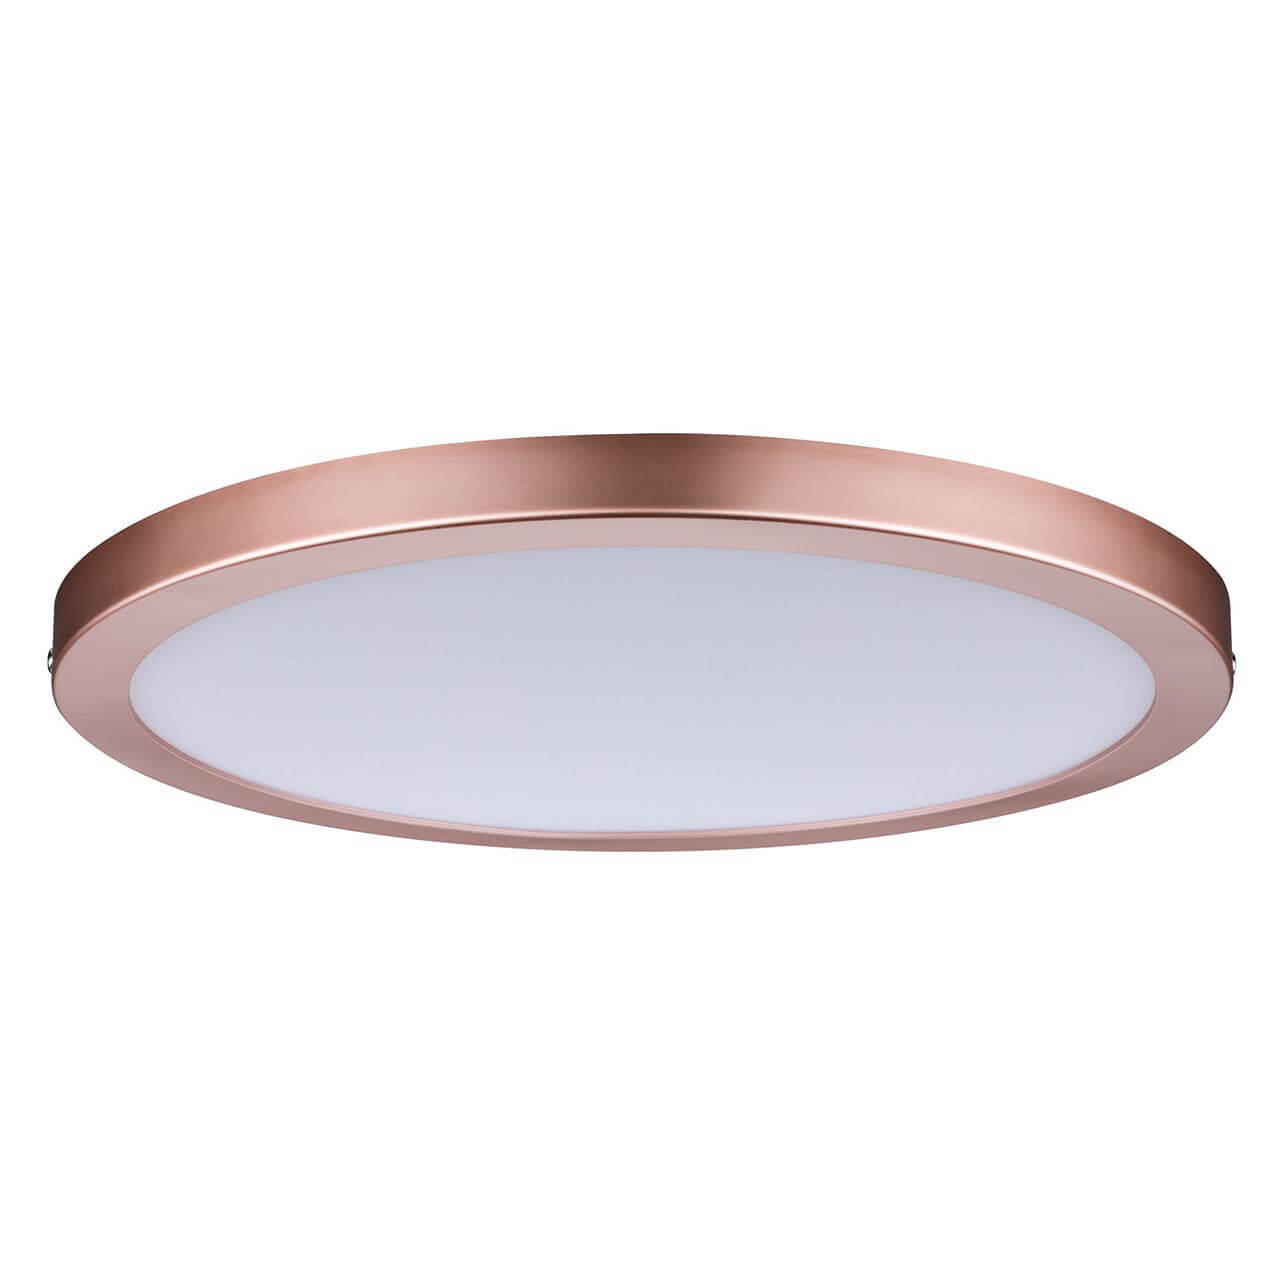 Потолочный светодиодный светильник Paulmann Atria 70940